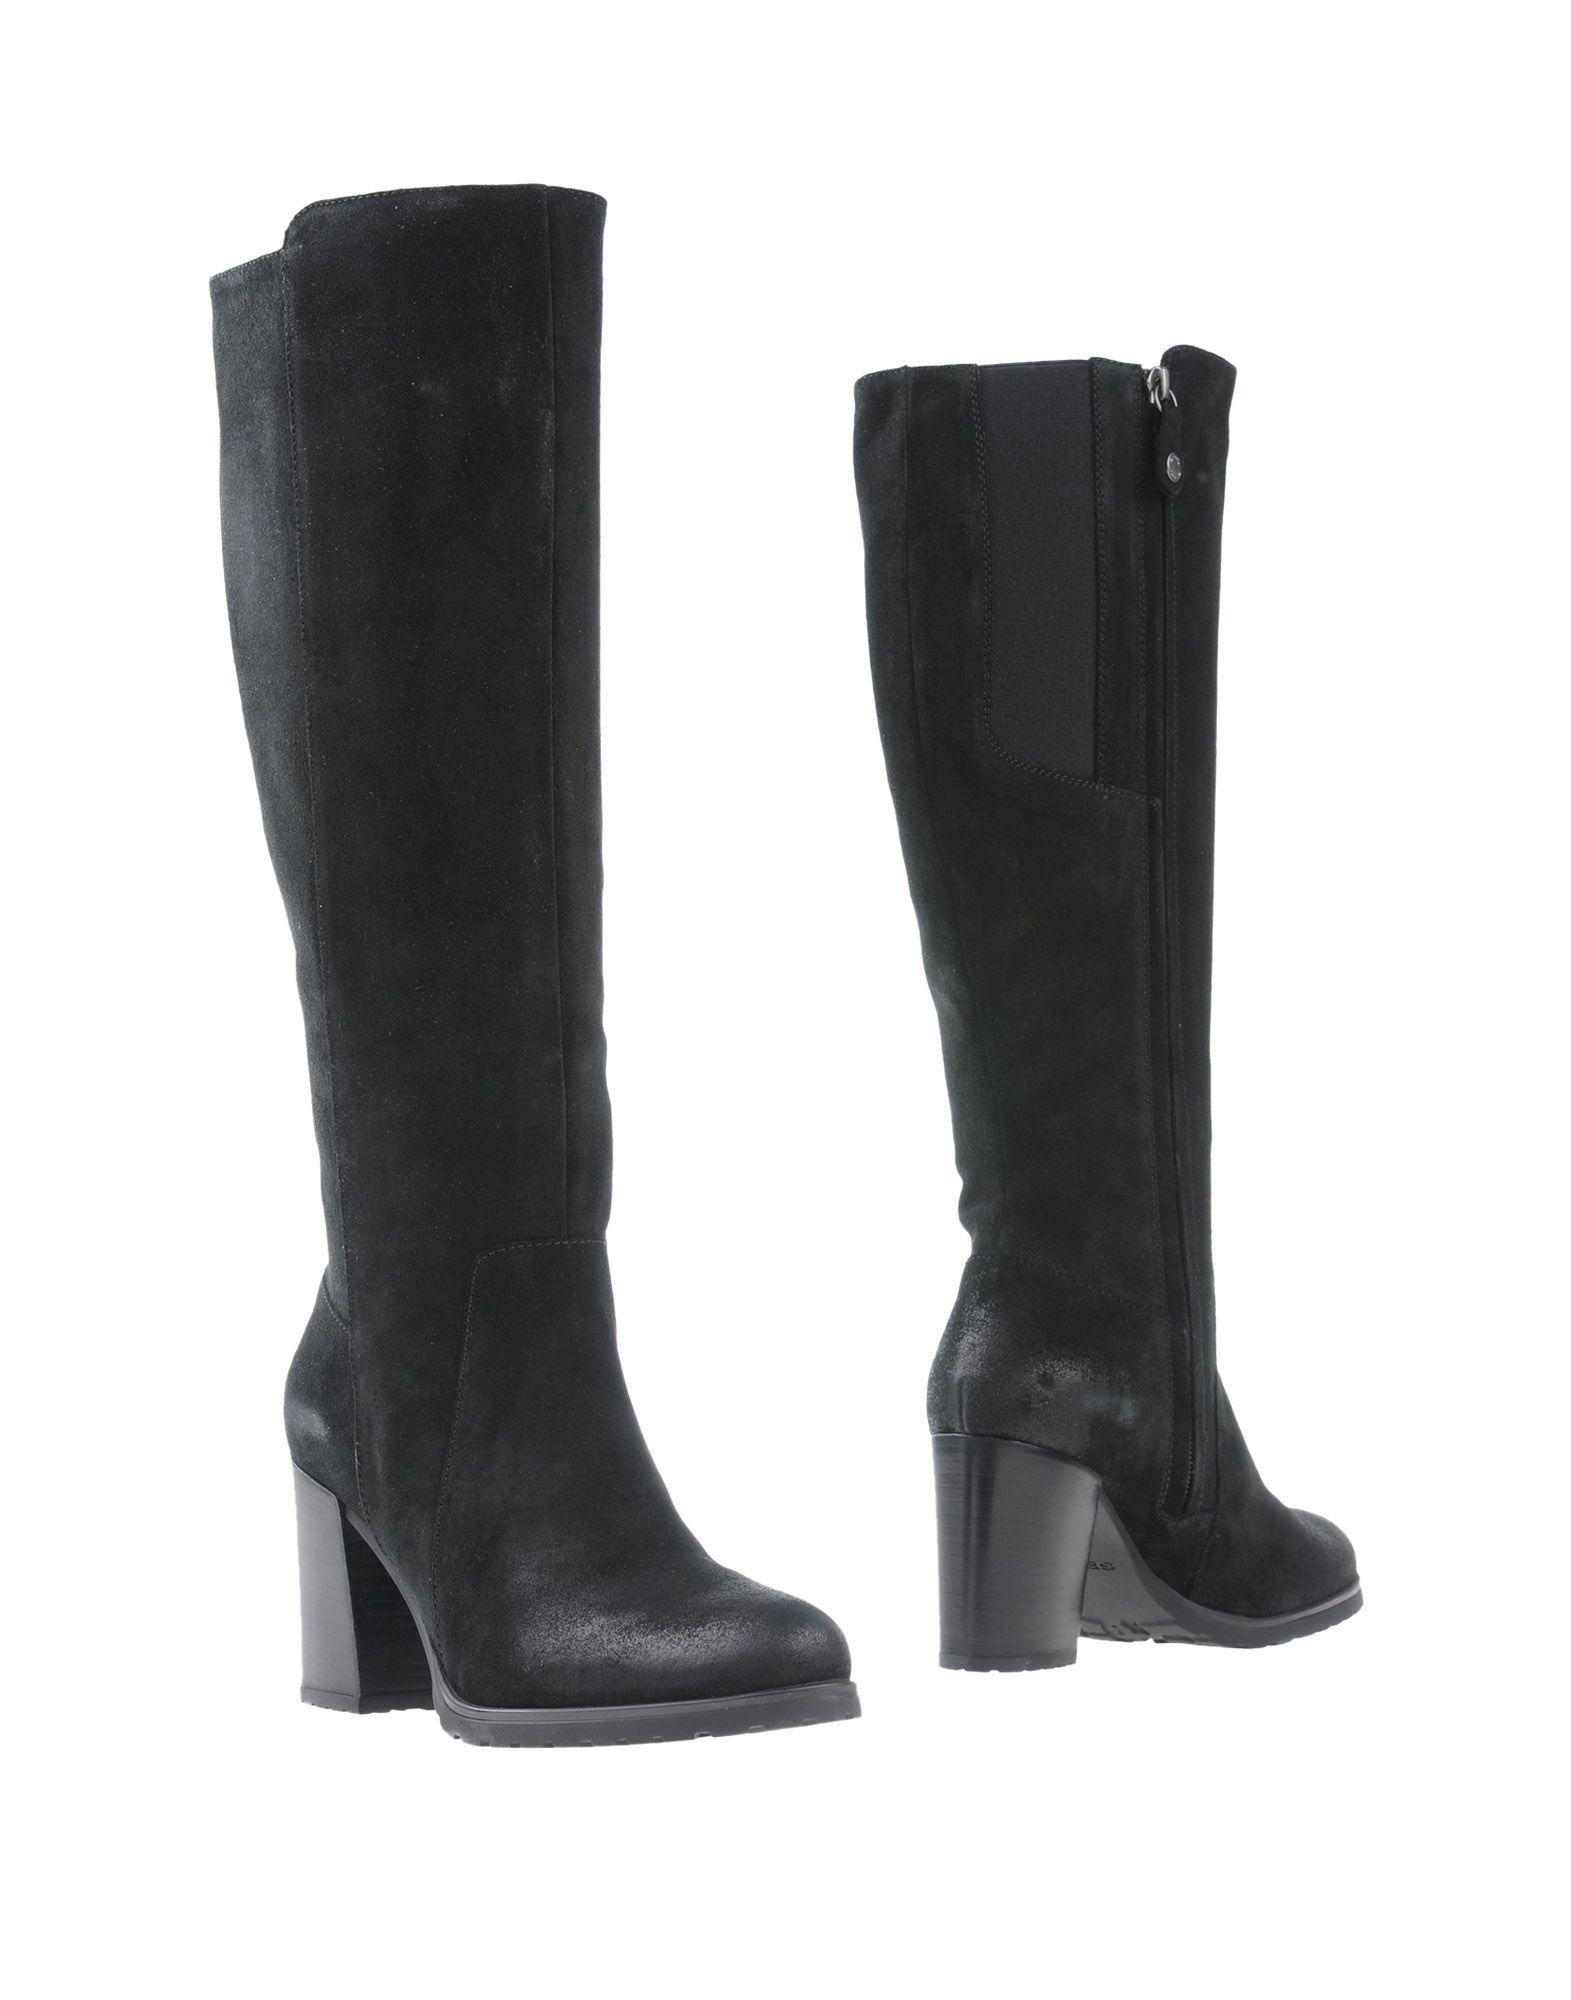 GEOX Damen Stiefel Farbe Schwarz Größe 9 jetztbilligerkaufen